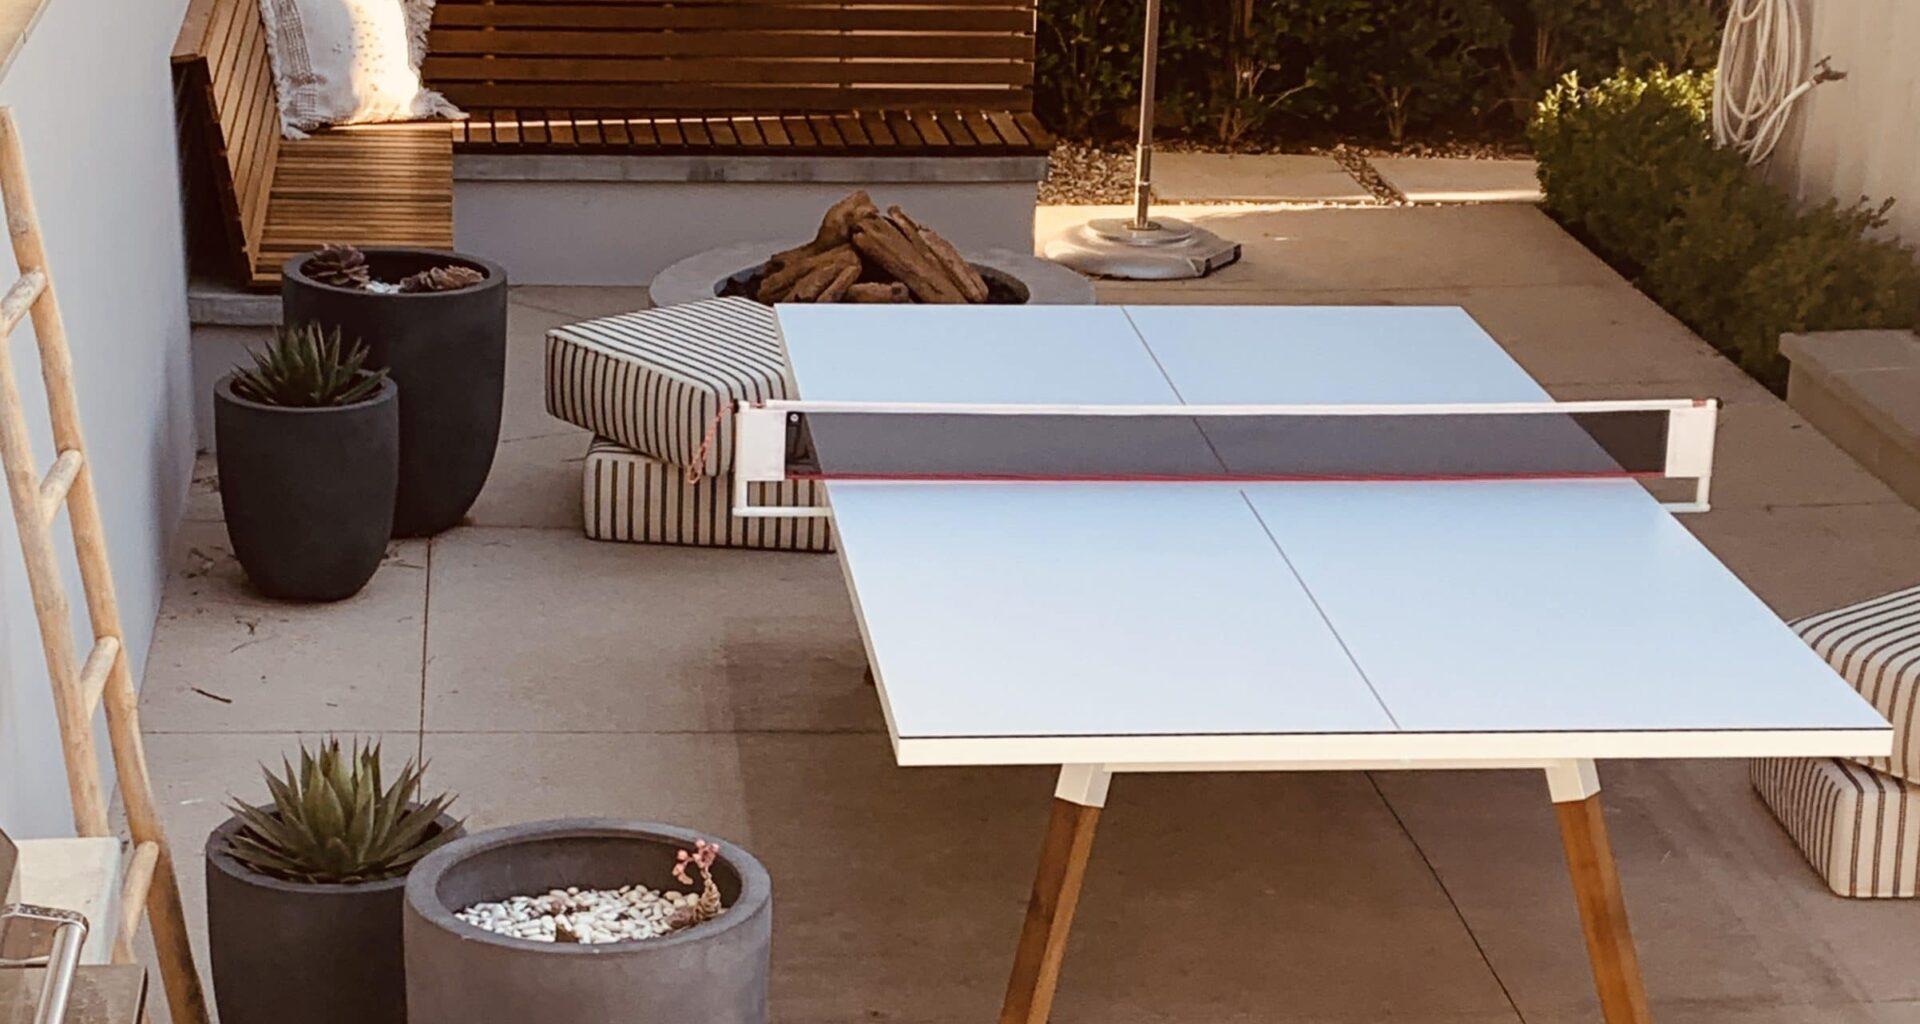 Les meilleures et plus belles tables de ping-pong en 2021 - www.heavybull.com